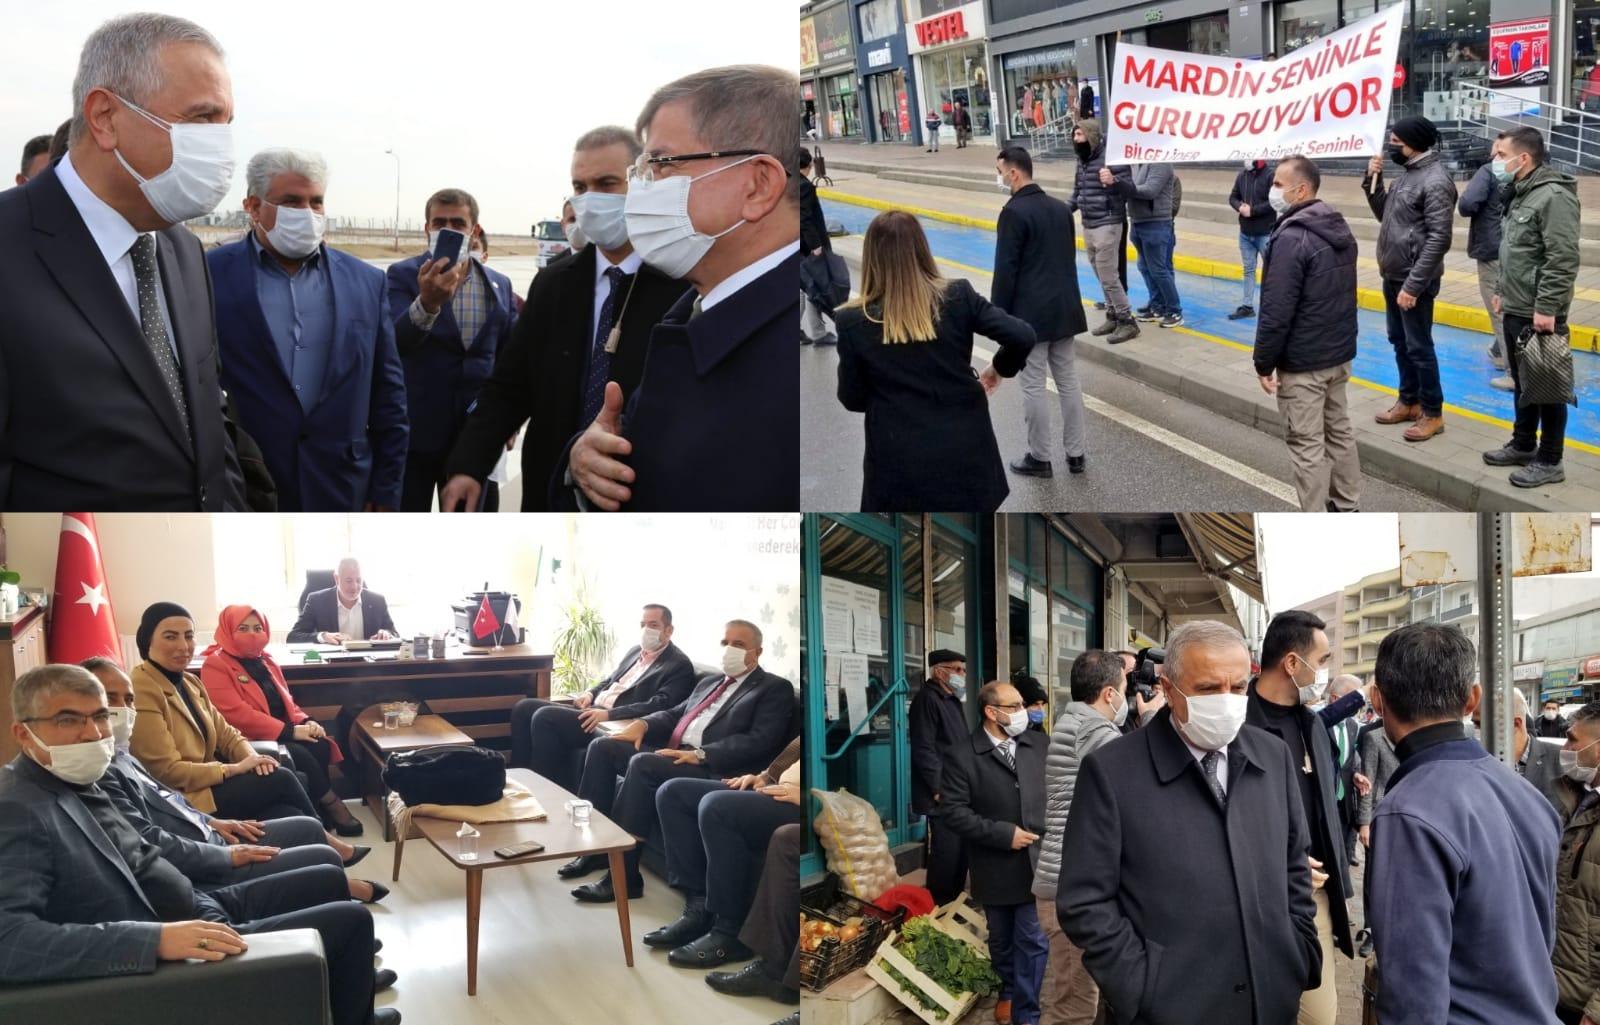 Mardin Ziyaretimiz (14 Ocak 2021)